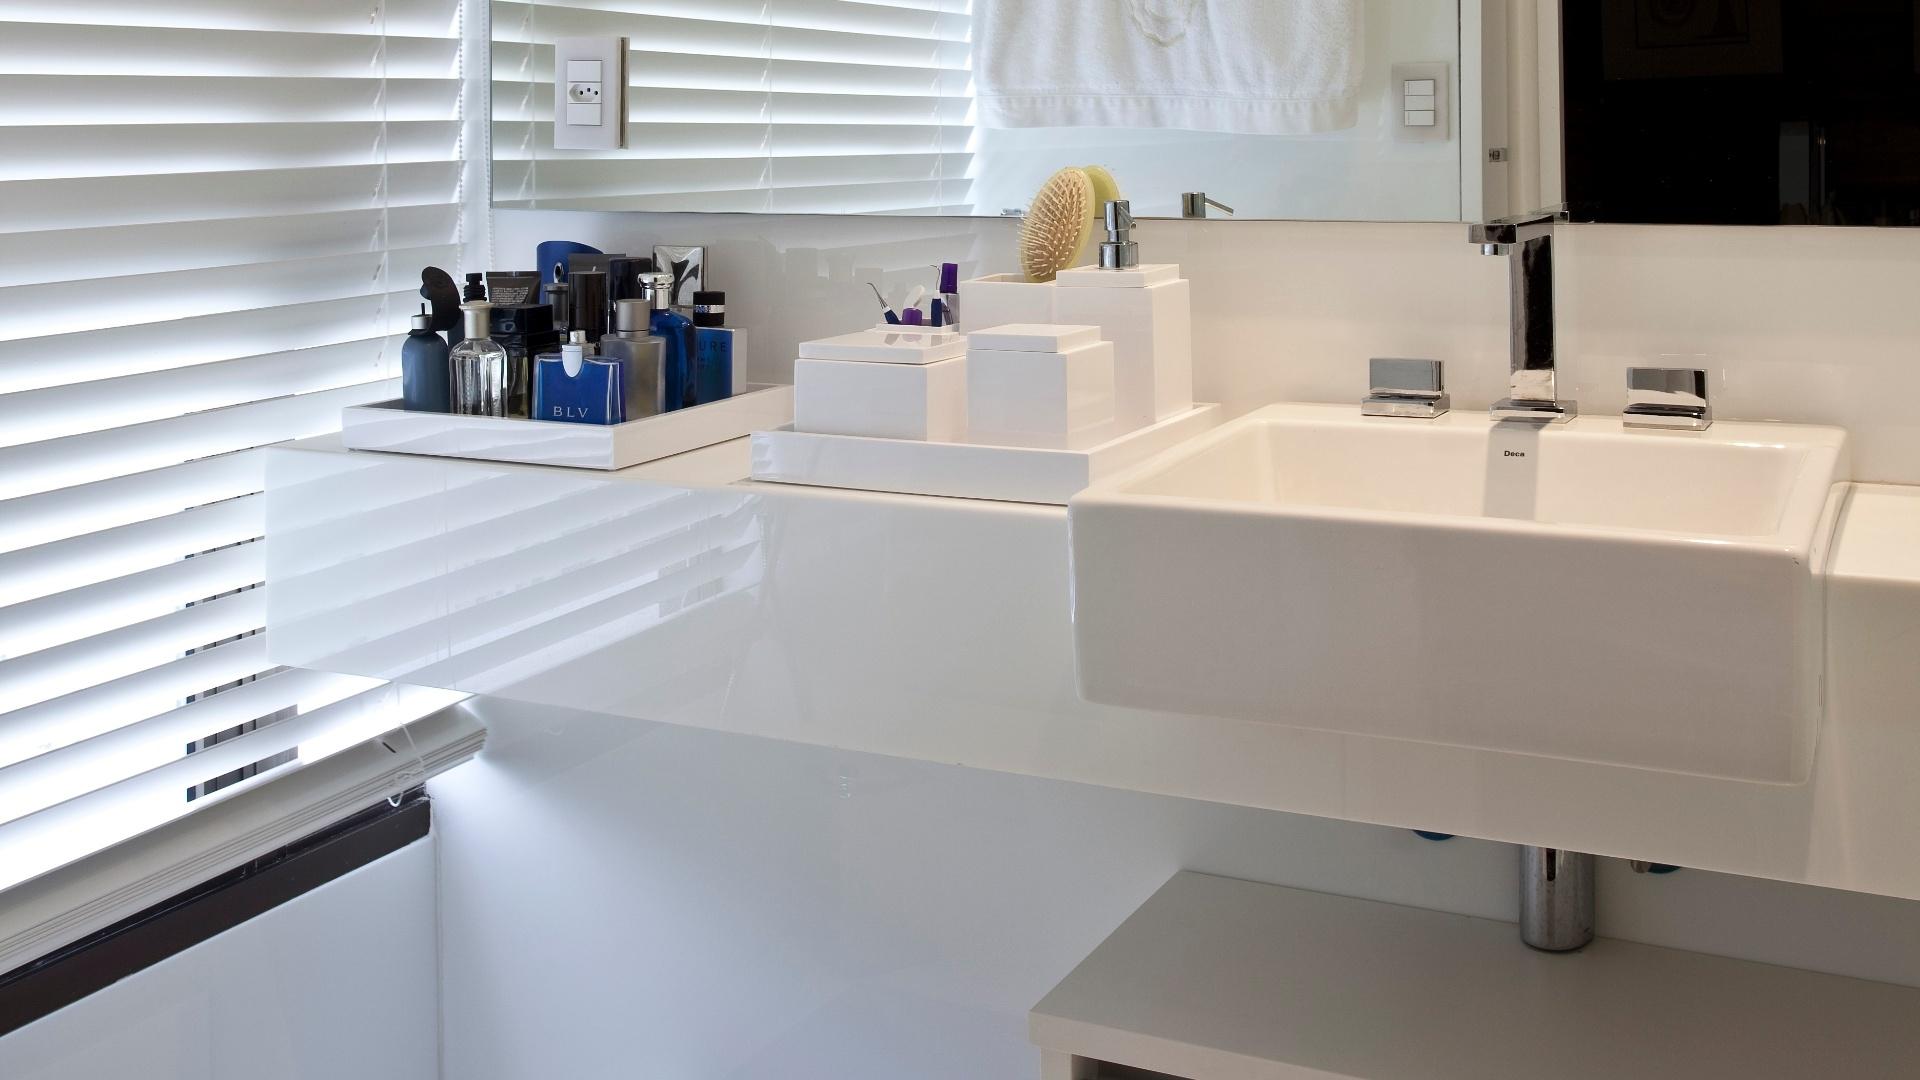 banheiro completamente branco tem bancada Corian e revestimentos  #283D69 1920x1080 Banheiro Branco Preto E Cinza